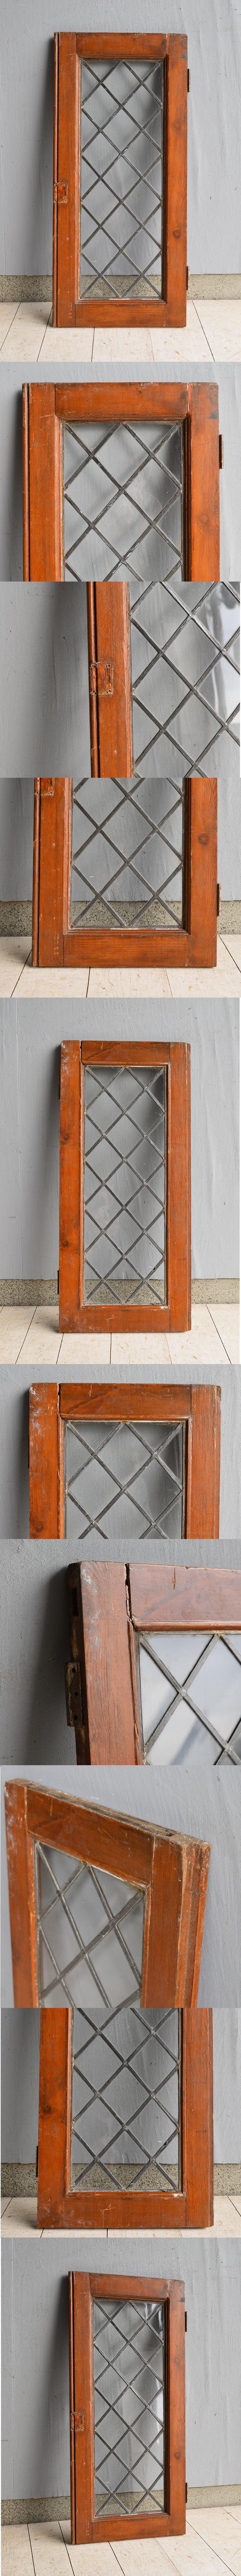 イギリス アンティーク 格子窓 7555